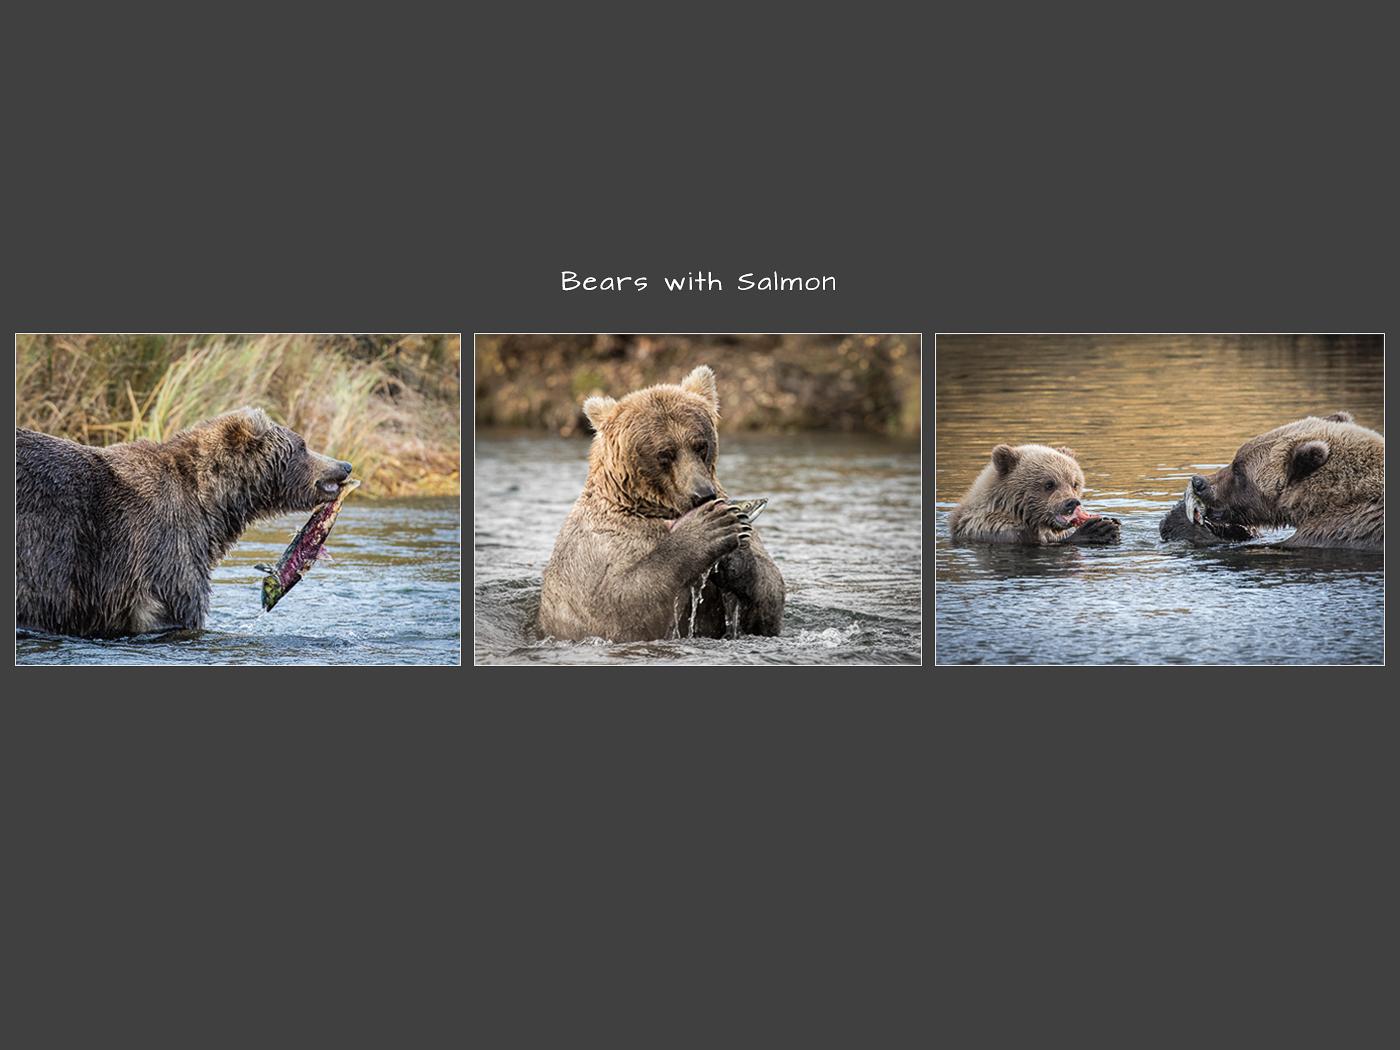 Bears with Salmon_Neville Turton